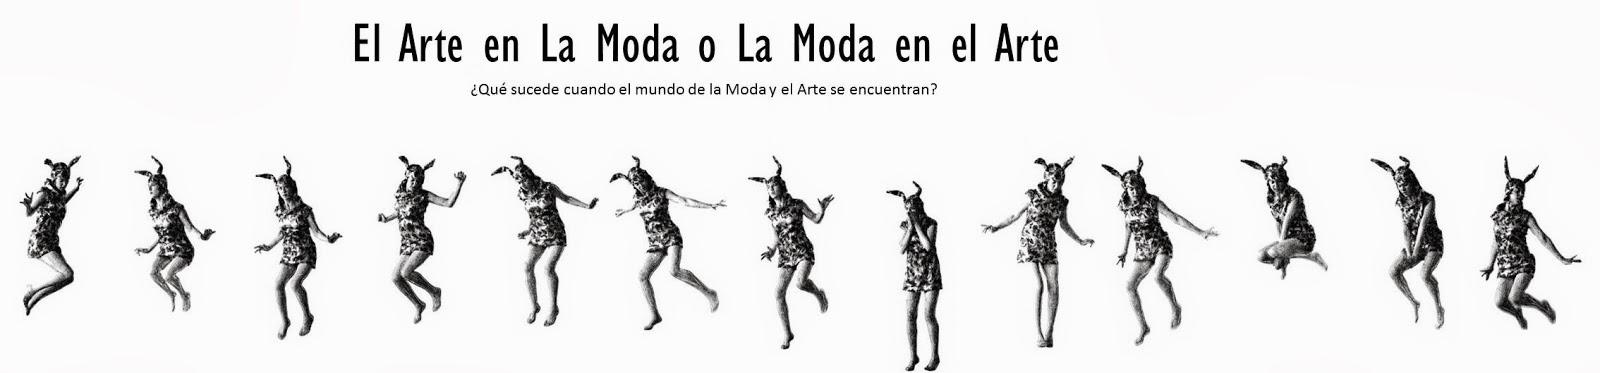 El Arte en La Moda o La Moda en el Arte . . .